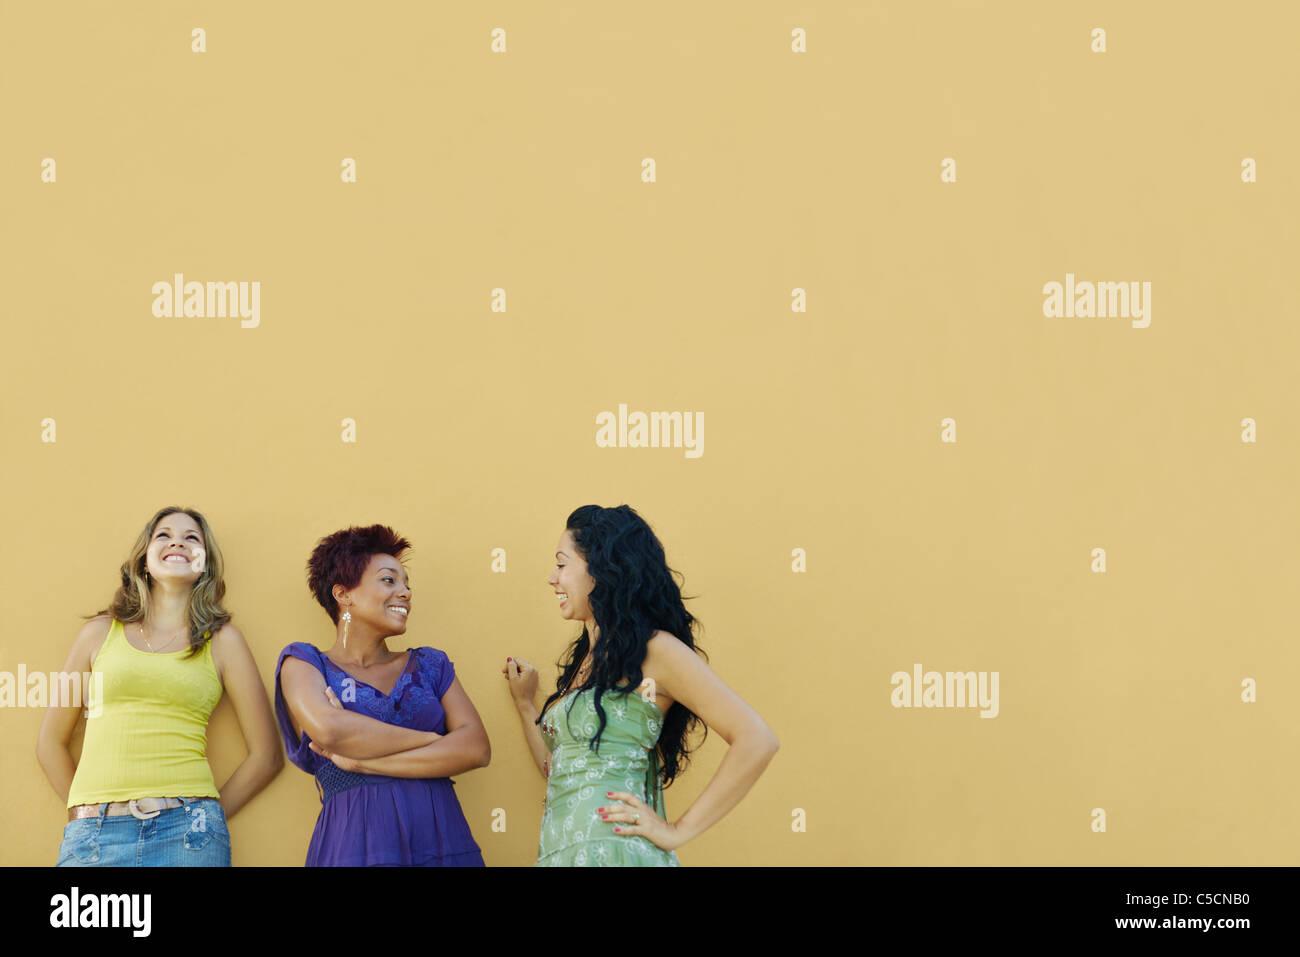 Gruppe von drei spanischen Freundinnen auf gelbe Wand gelehnt und lachen. Horizontale Form, Hüfte aufwärts Textfreiraum Stockfoto